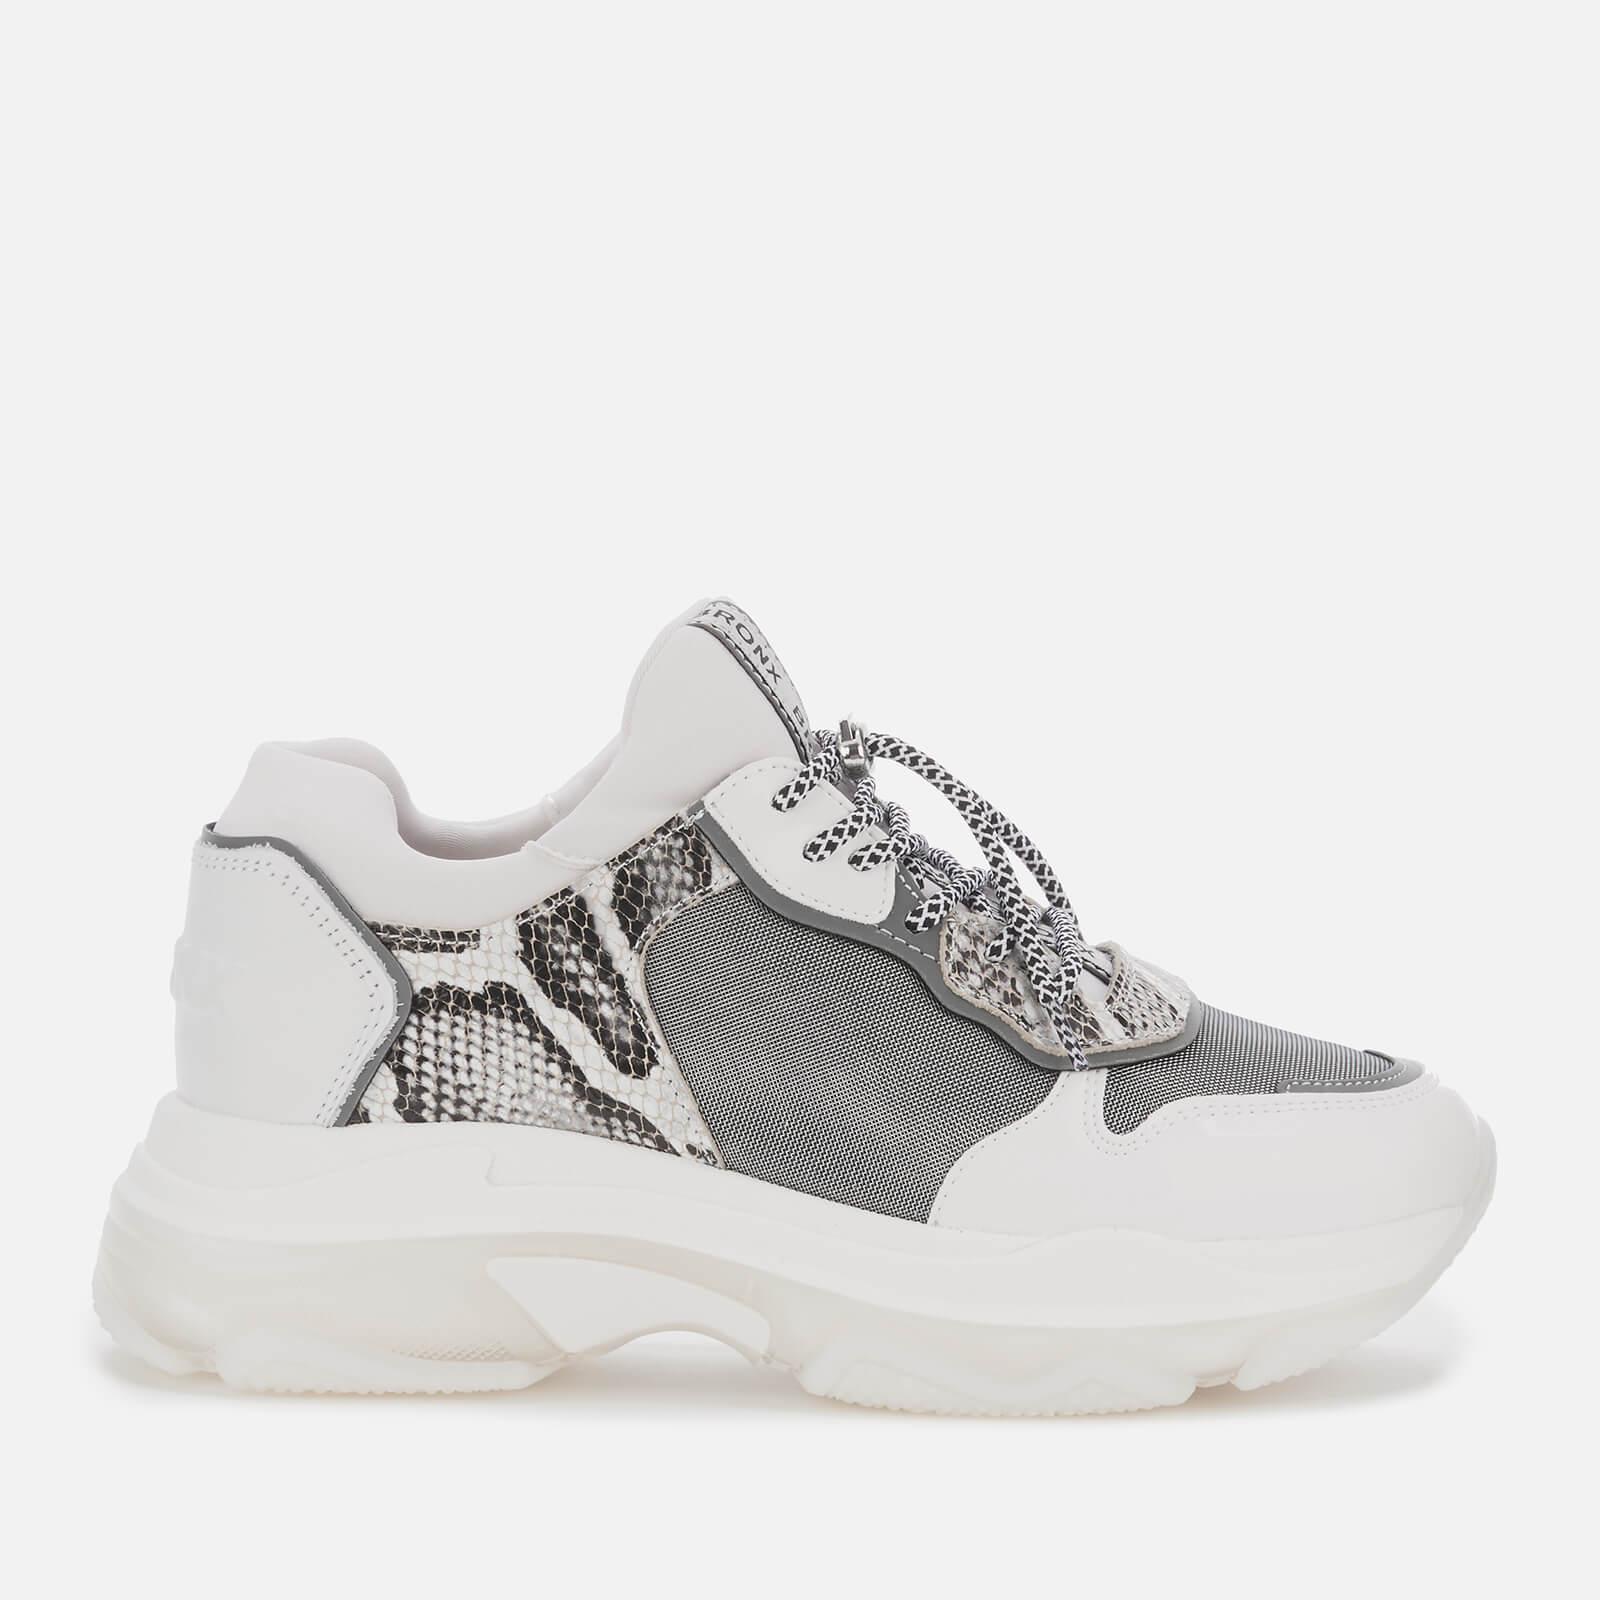 Bronx Women's Baisley Running Style Trainers - White/Silver - UK 7